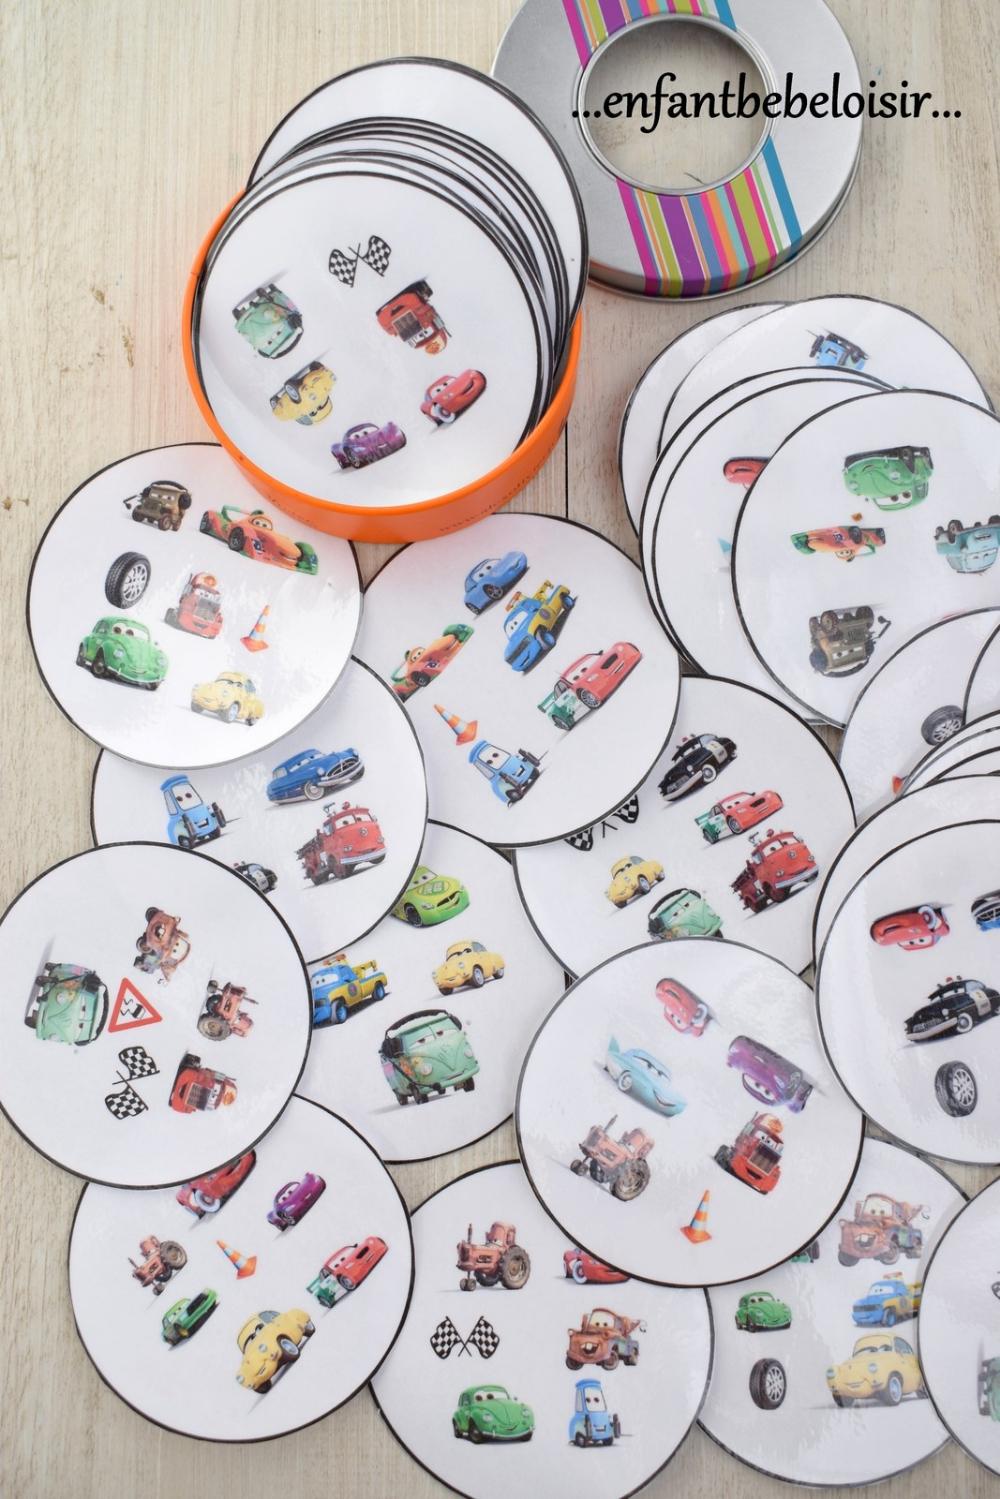 Jeu Dobble Cars Pixar À Imprimer - Gratuit | Jeux De Dobble destiné Jeux Enfant 3 Ans Gratuit